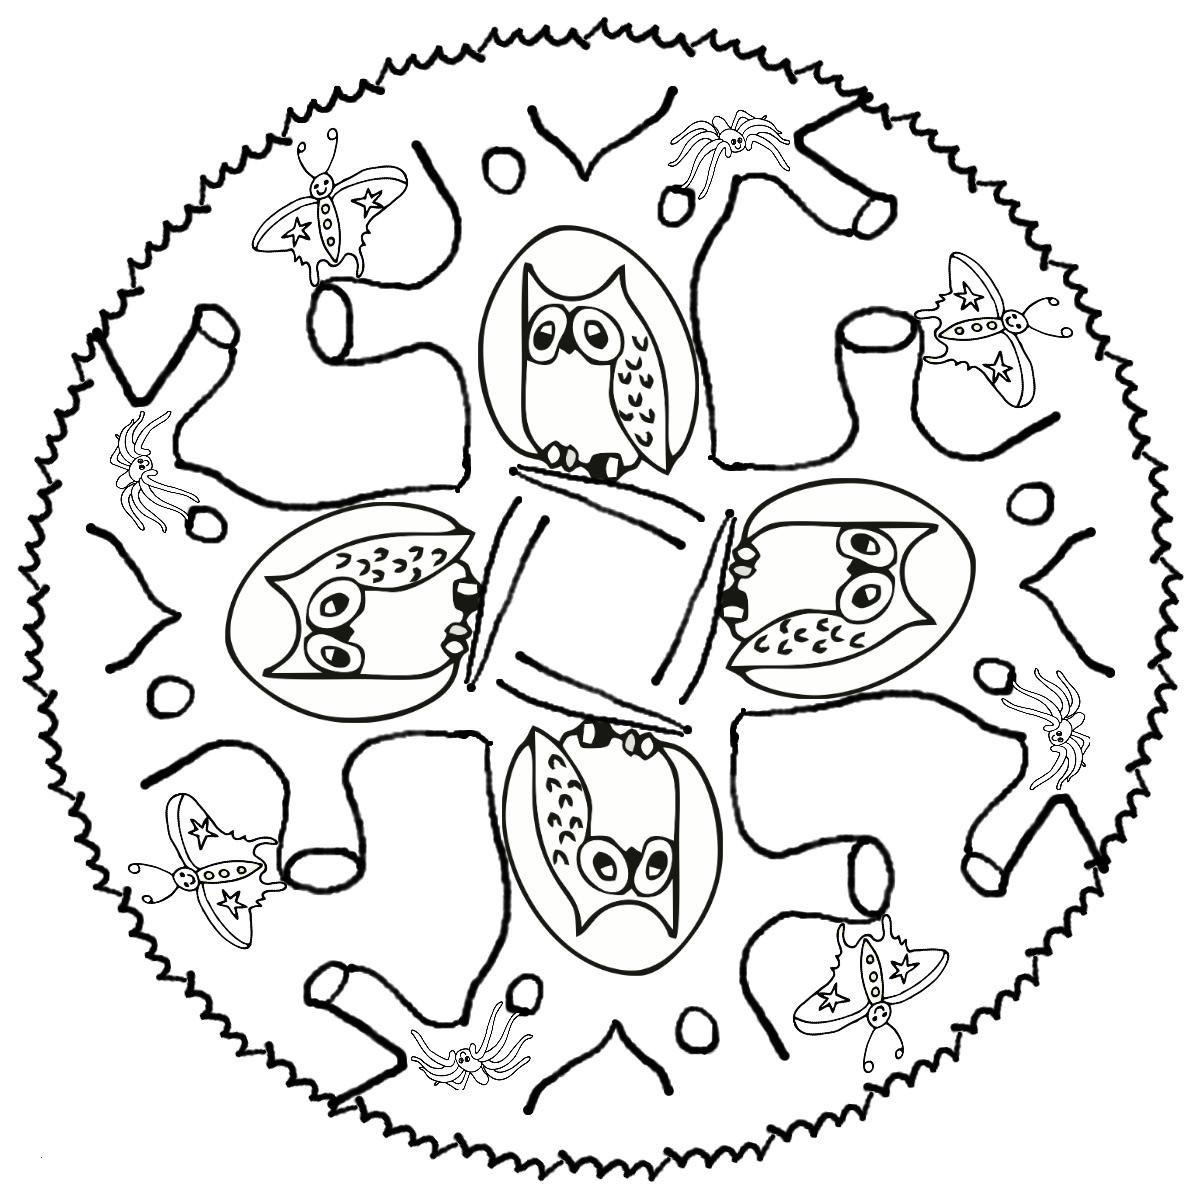 Ladybug Bilder Zum Ausmalen Einzigartig Ladybug Ausmalbilder Zum Ausdrucken Frisch Eulen Mandala Tiere Das Bild